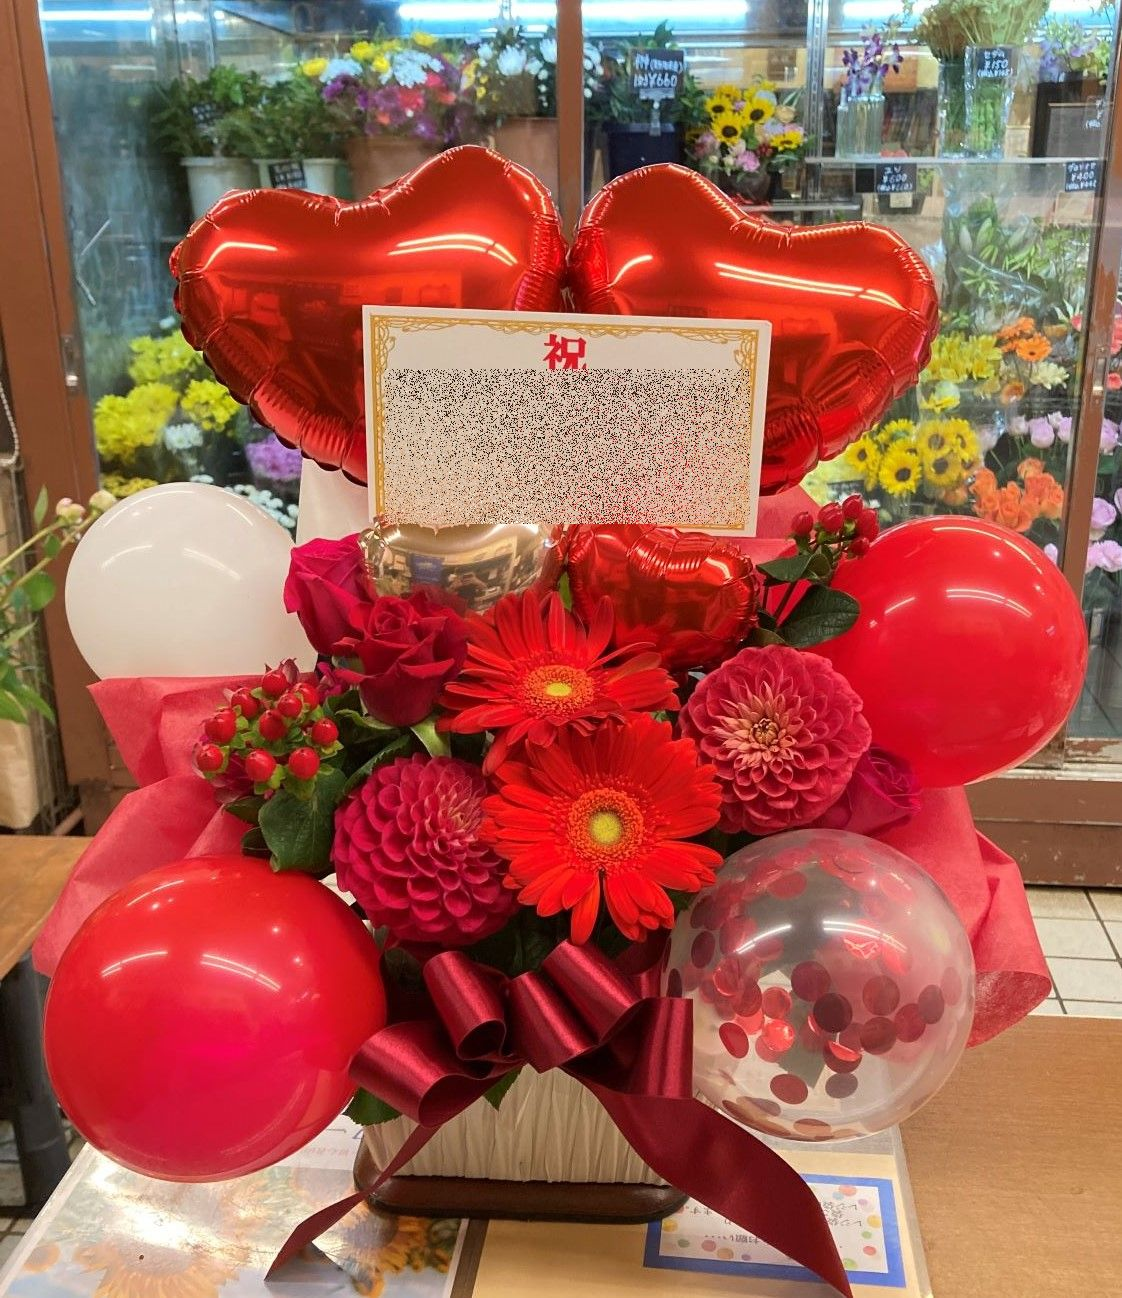 横浜市中区常磐町へバルーンアレンジメントを配達しました。【横浜花屋の花束・スタンド花・胡蝶蘭・バルーン・アレンジメント配達事例915】